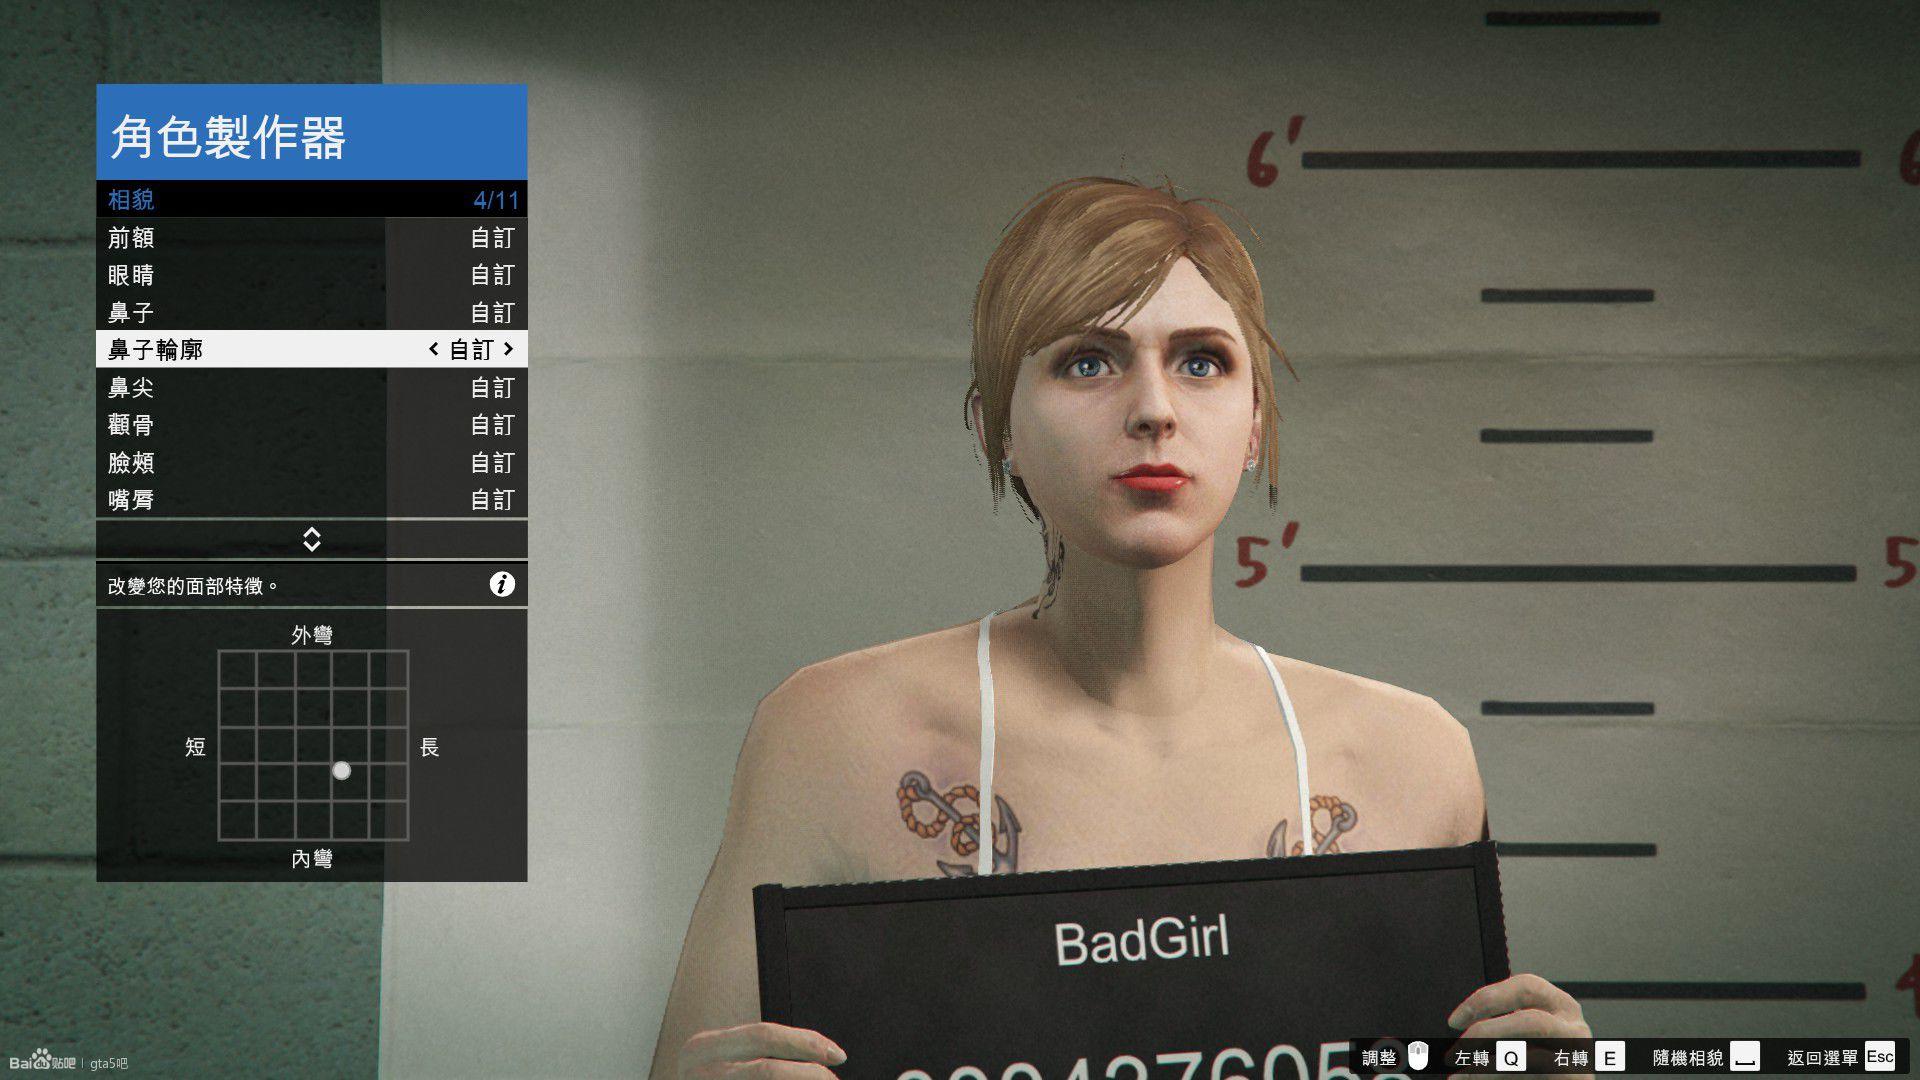 【捏脸】GTA5女角色捏脸数据插图(6)